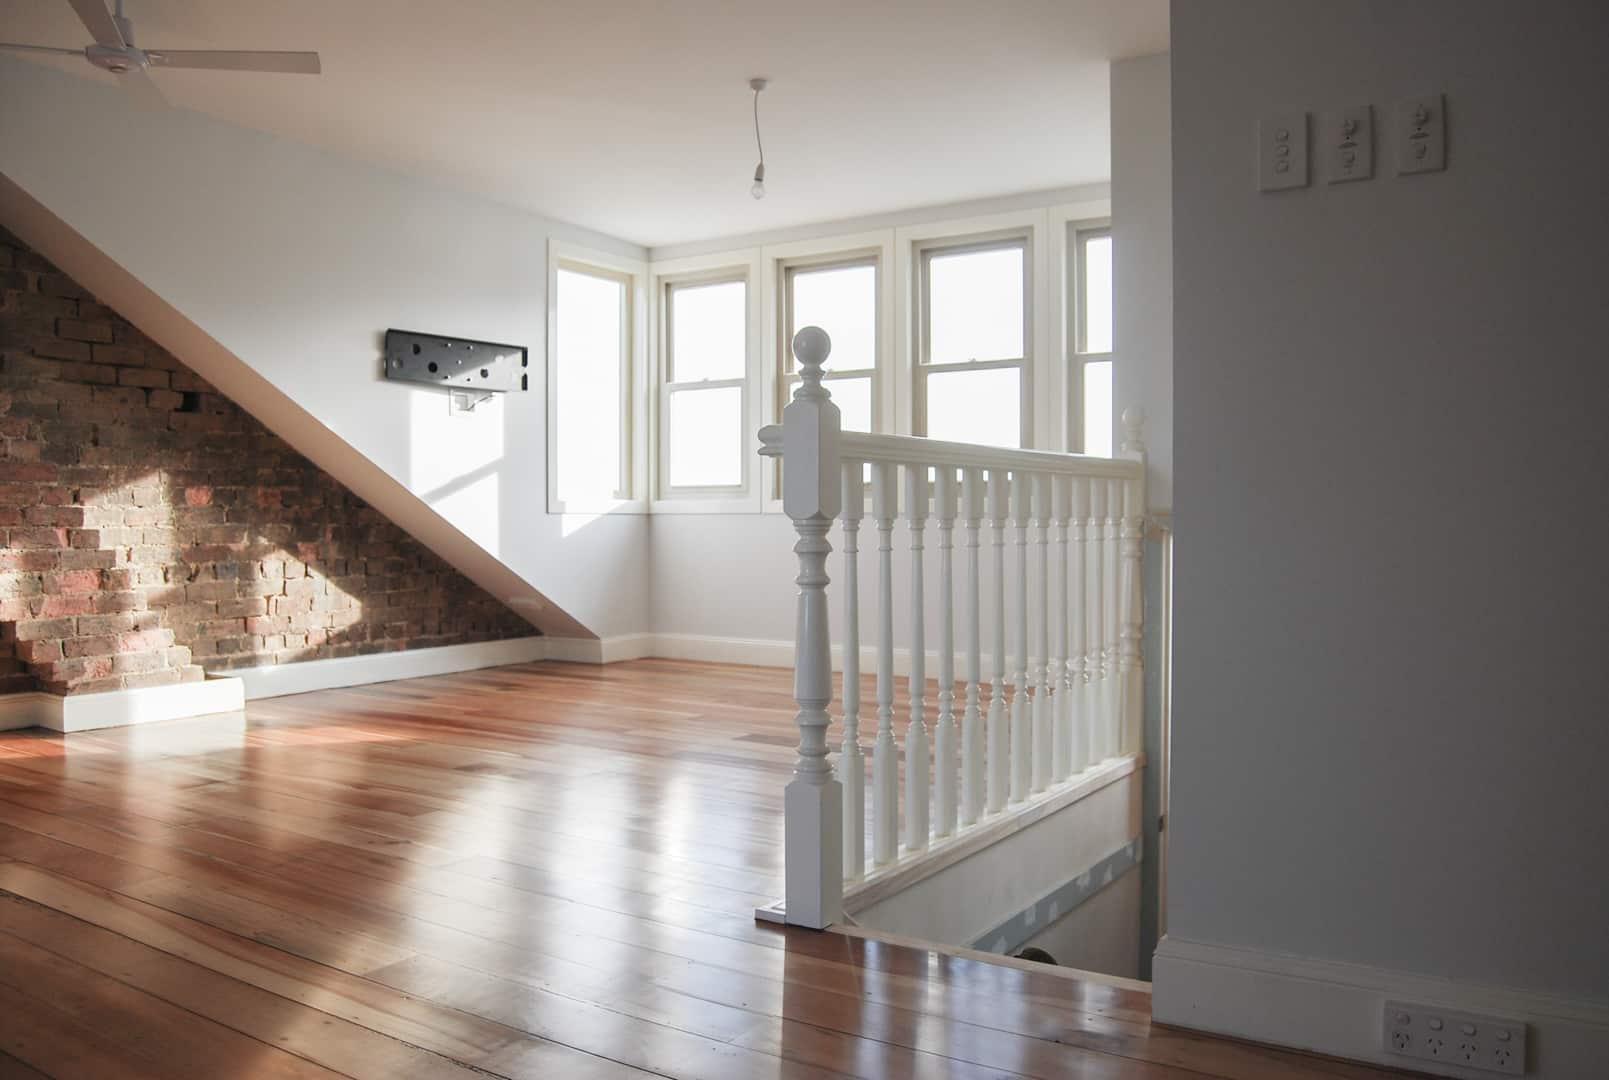 Habitable attic room